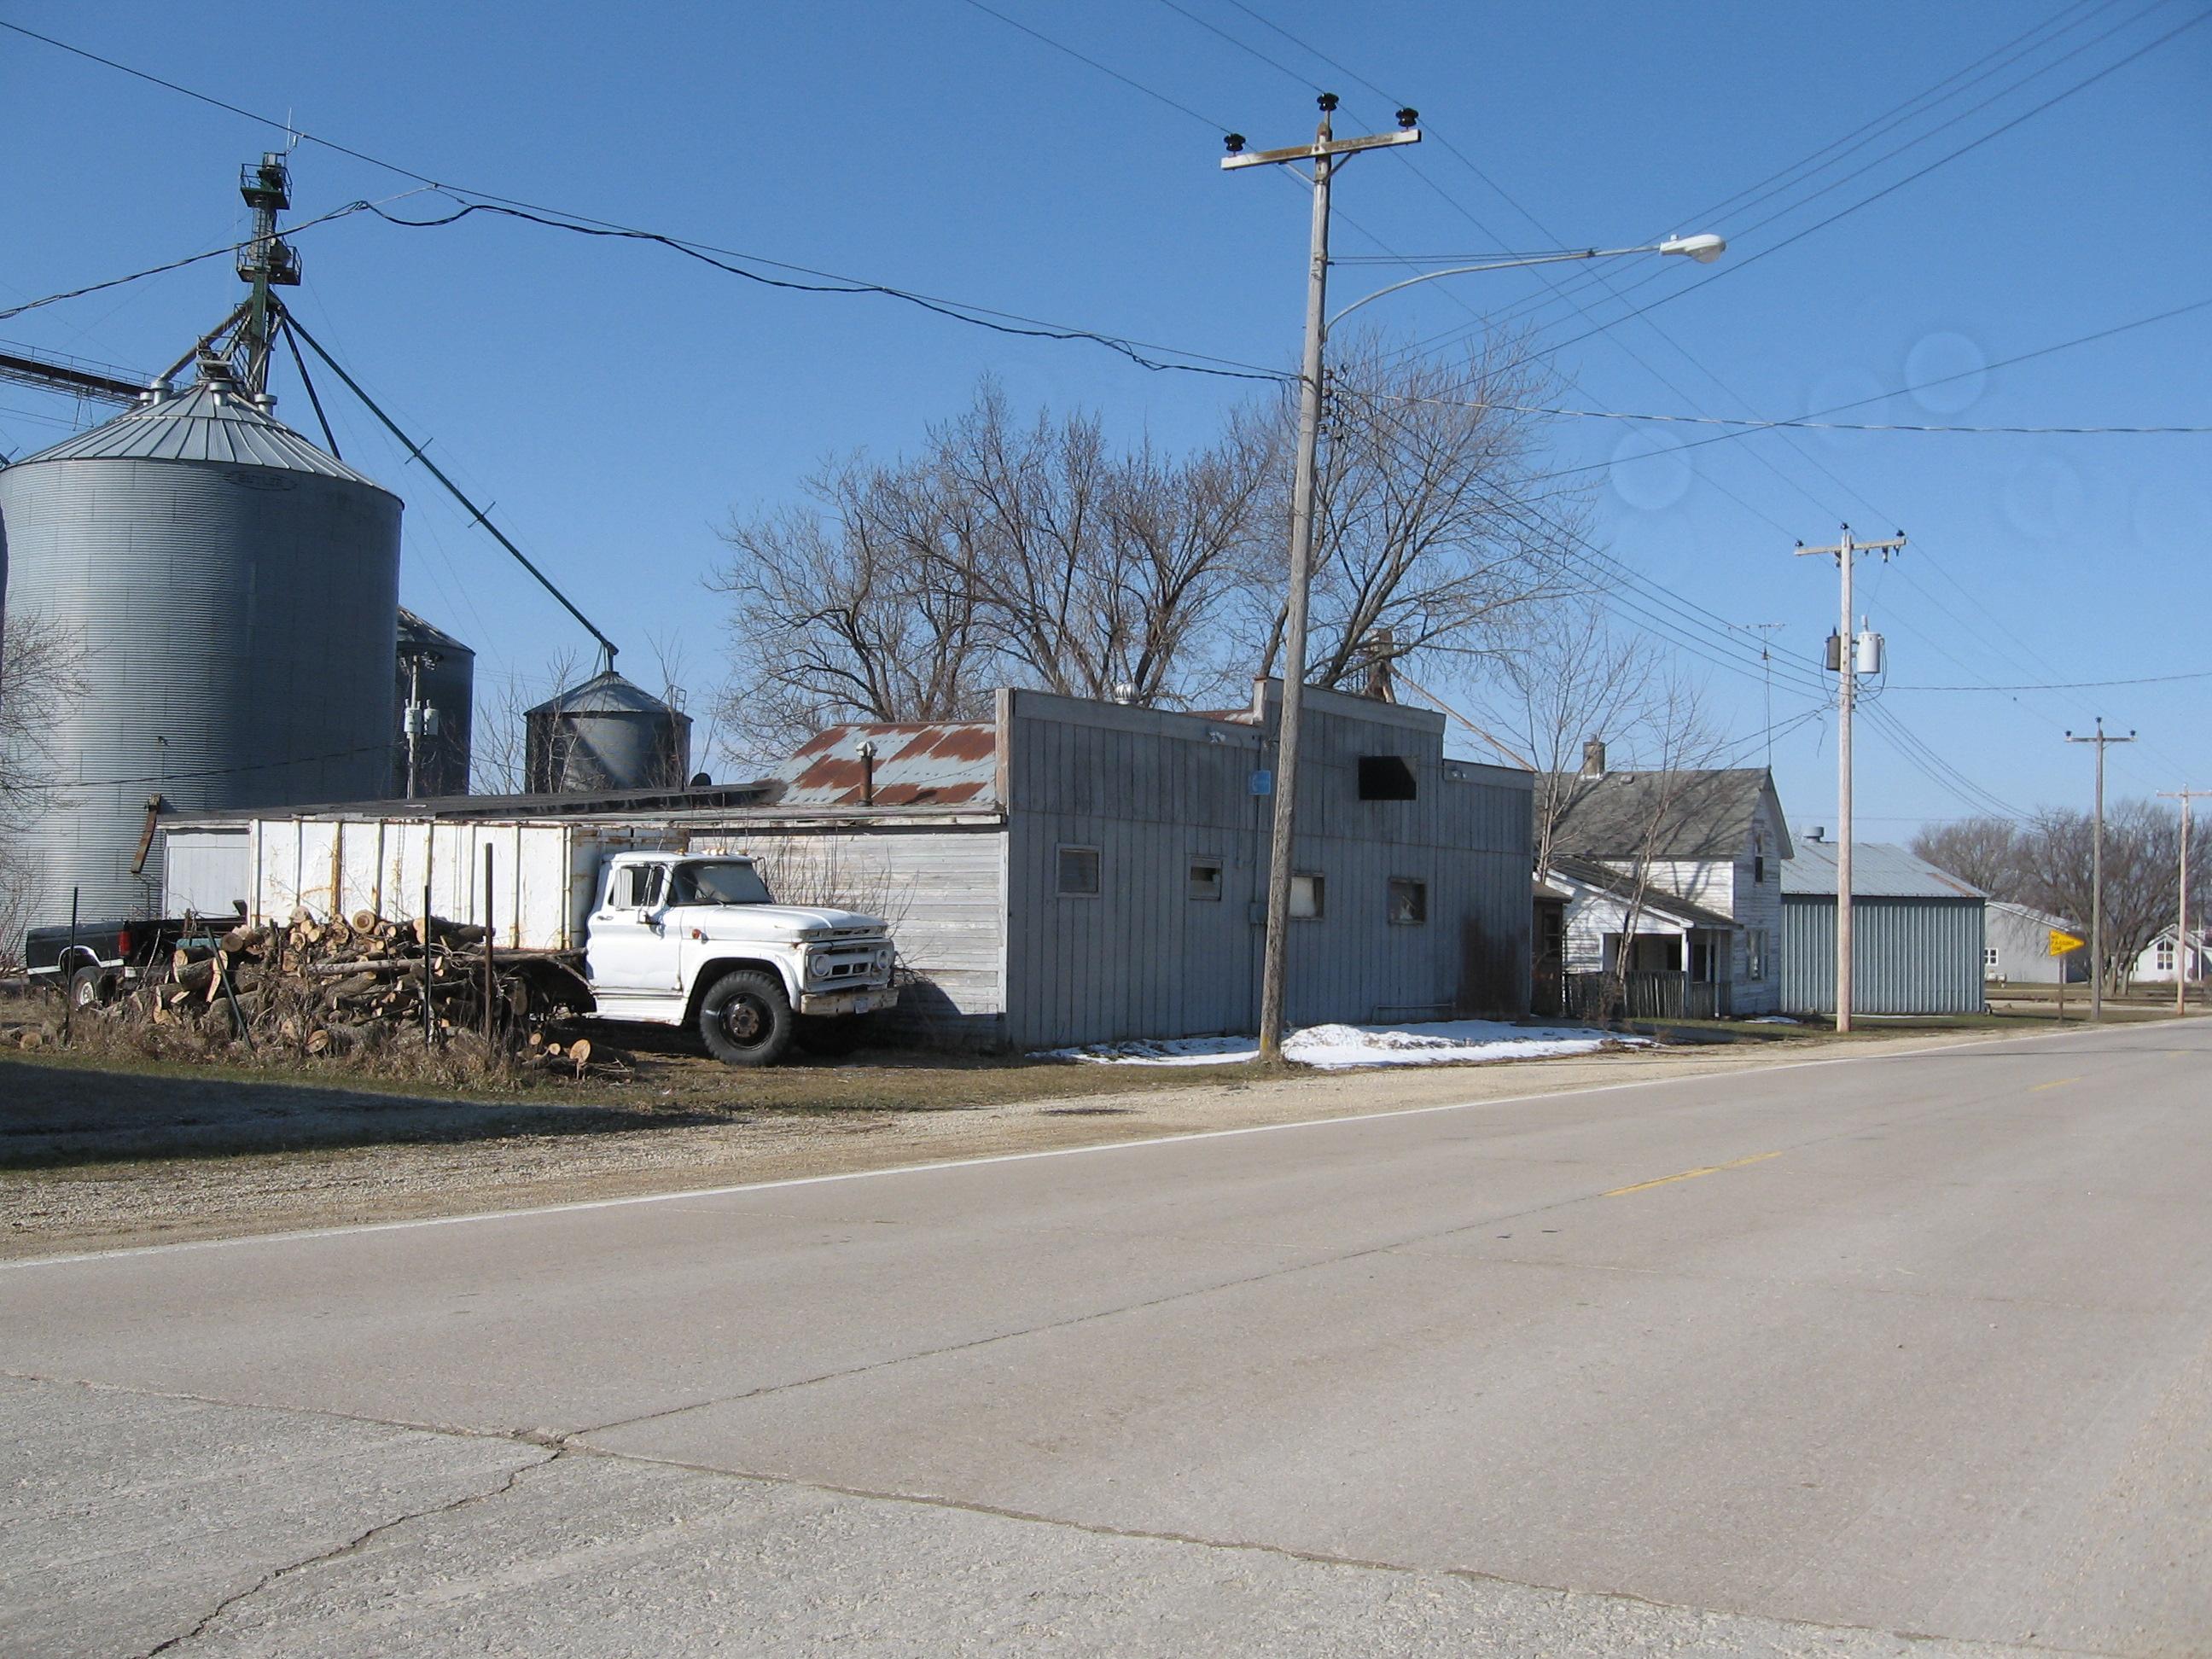 Orchard (Iowa)